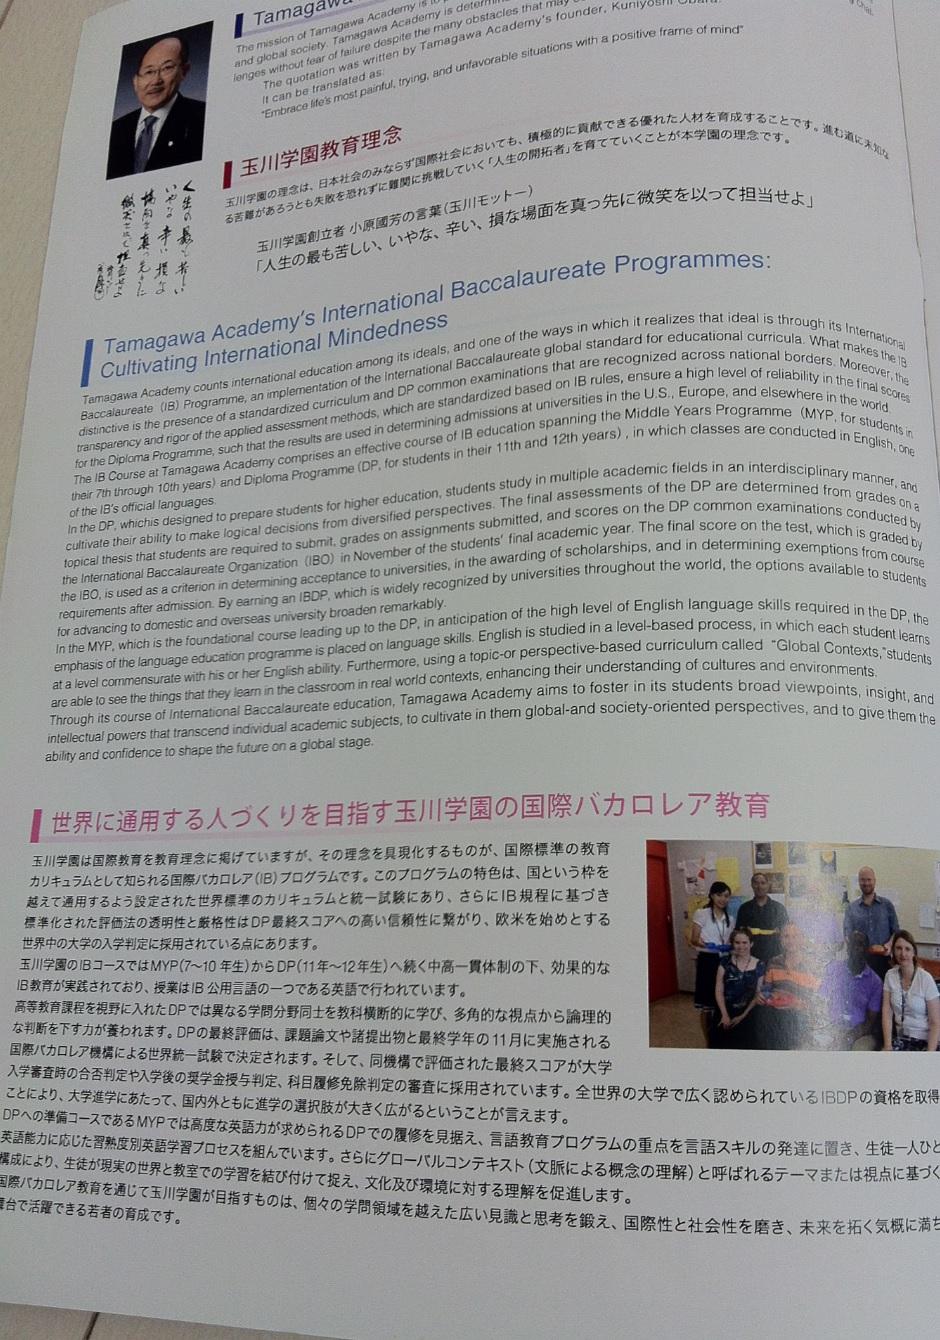 玉川学園小学校のIBプログラム画像キャプチャ(ページ1)